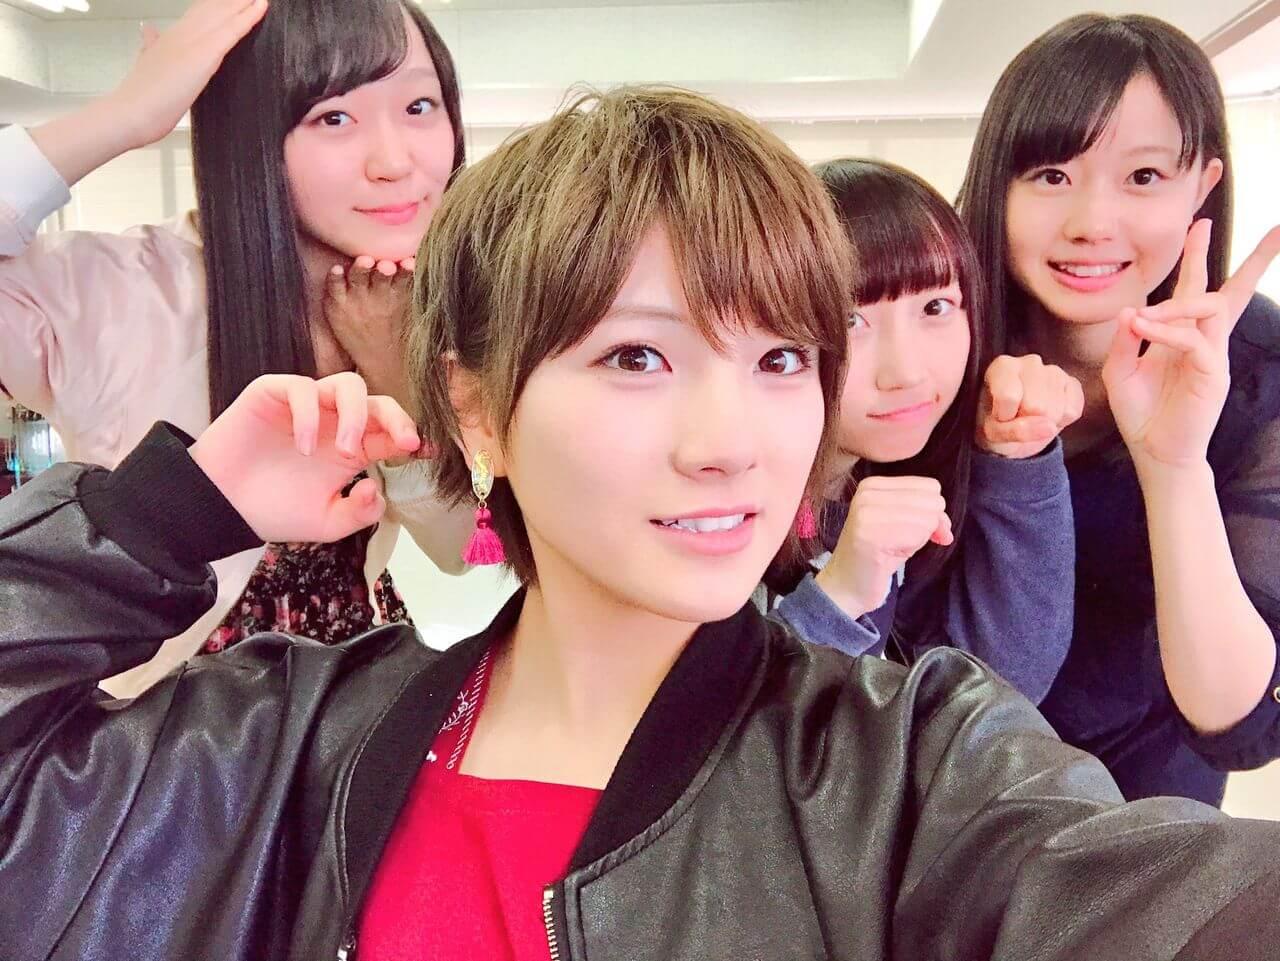 岡田奈々「今日は(STUの)かわいこちゃんたちに 襲われました。しあわせ おほほほ」【AKB48STU48】 他